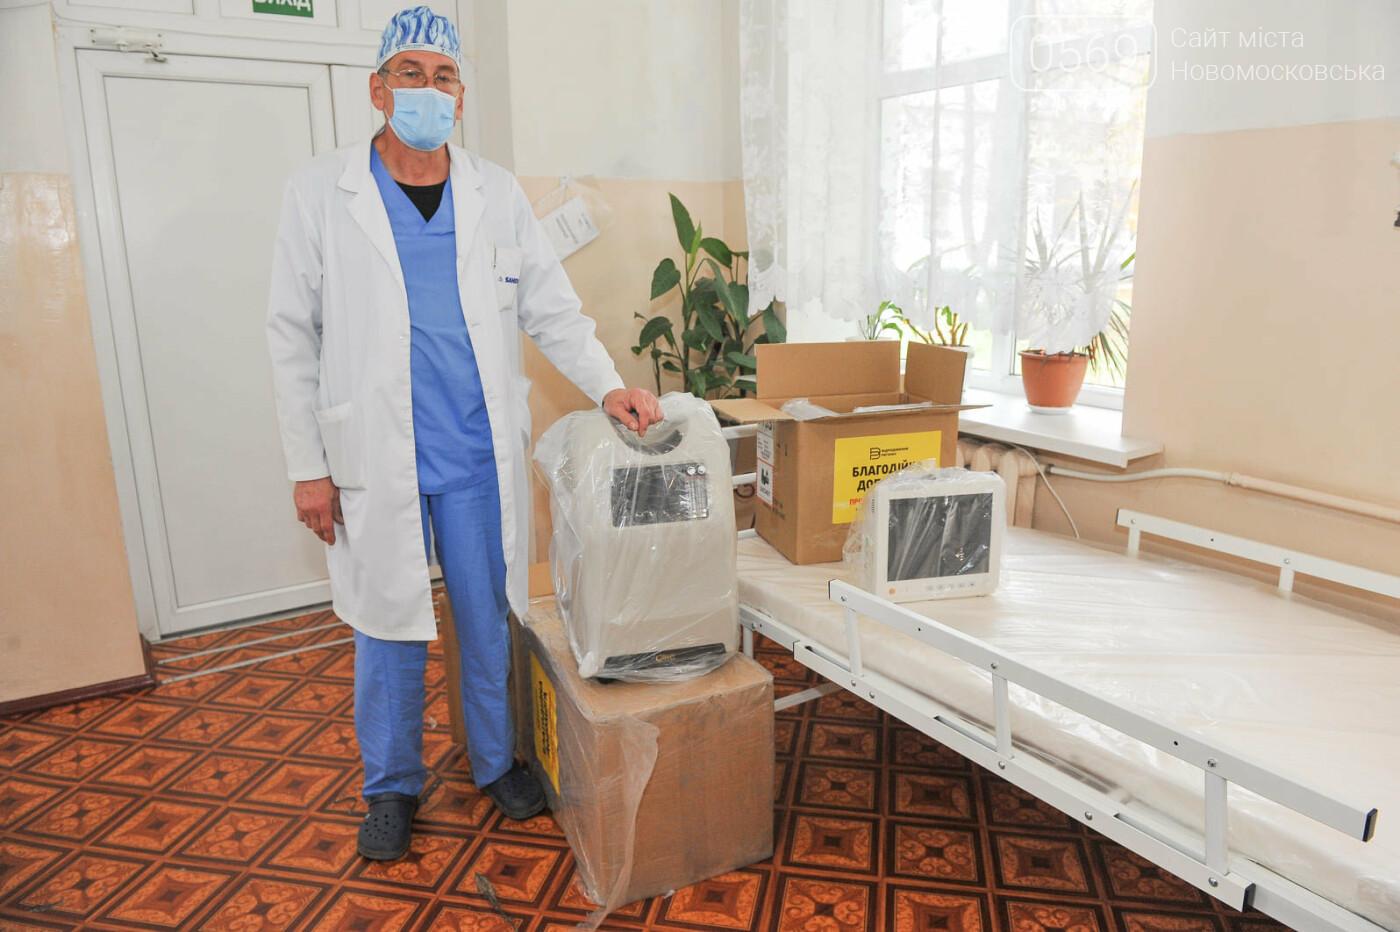 Новомосковська міська лікарня отримала благодійну допомогу від ІНТЕРПАЙП, фото-1